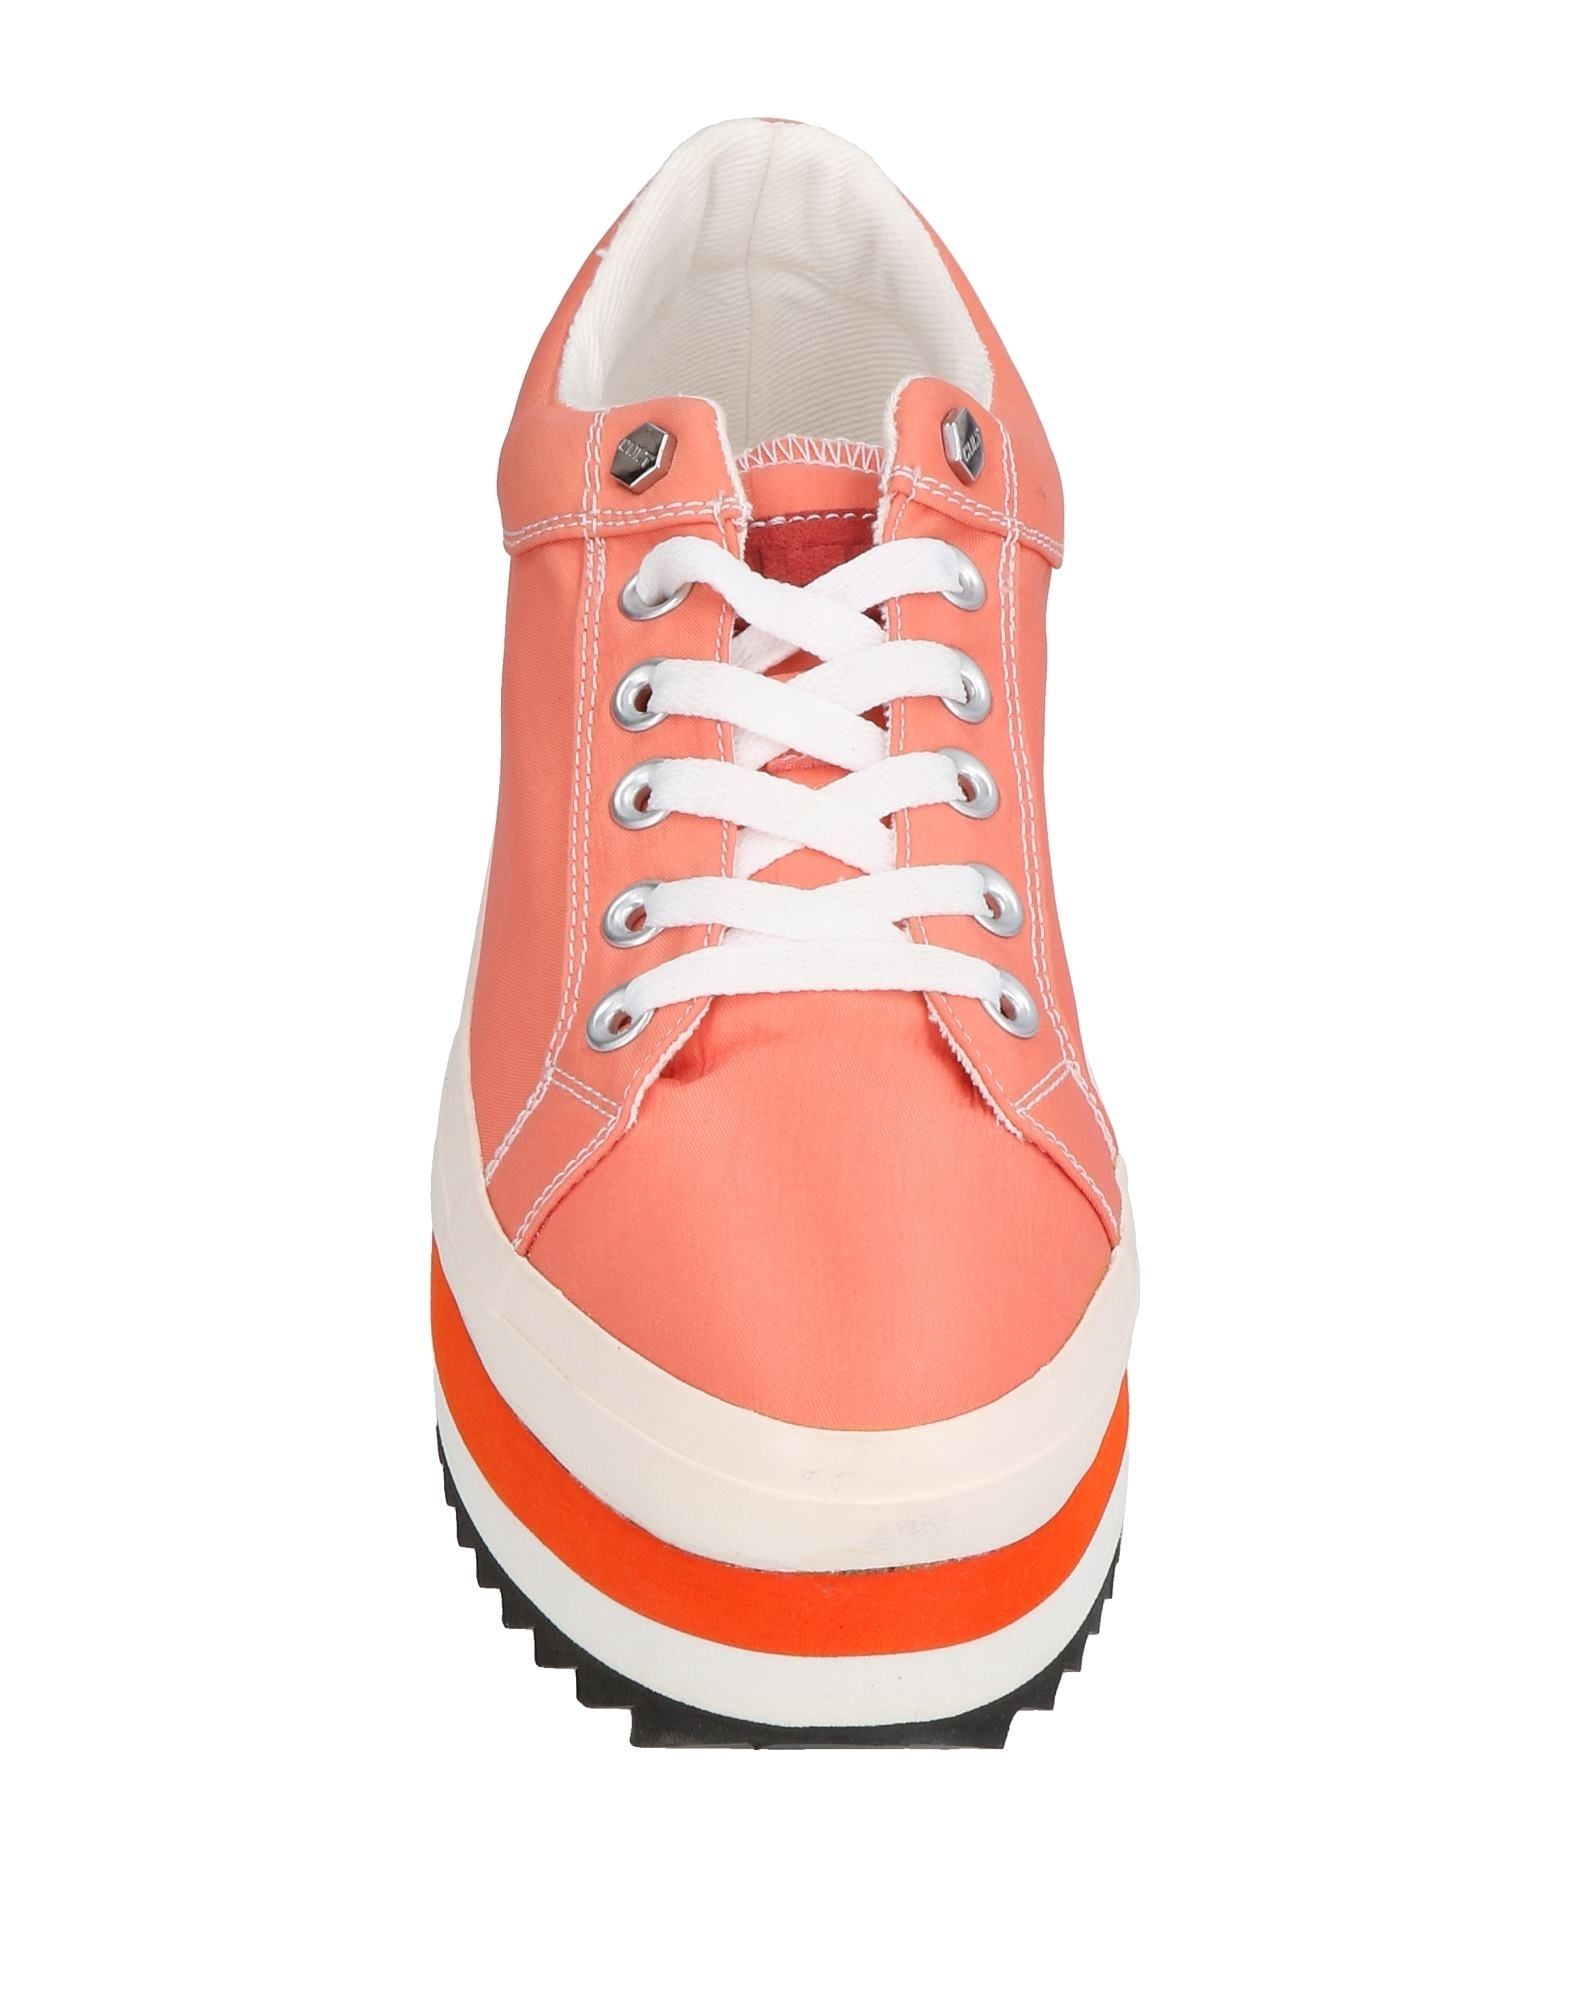 Cult 11498339XL Sneakers Damen  11498339XL Cult Gute Qualität beliebte Schuhe 8ddacd